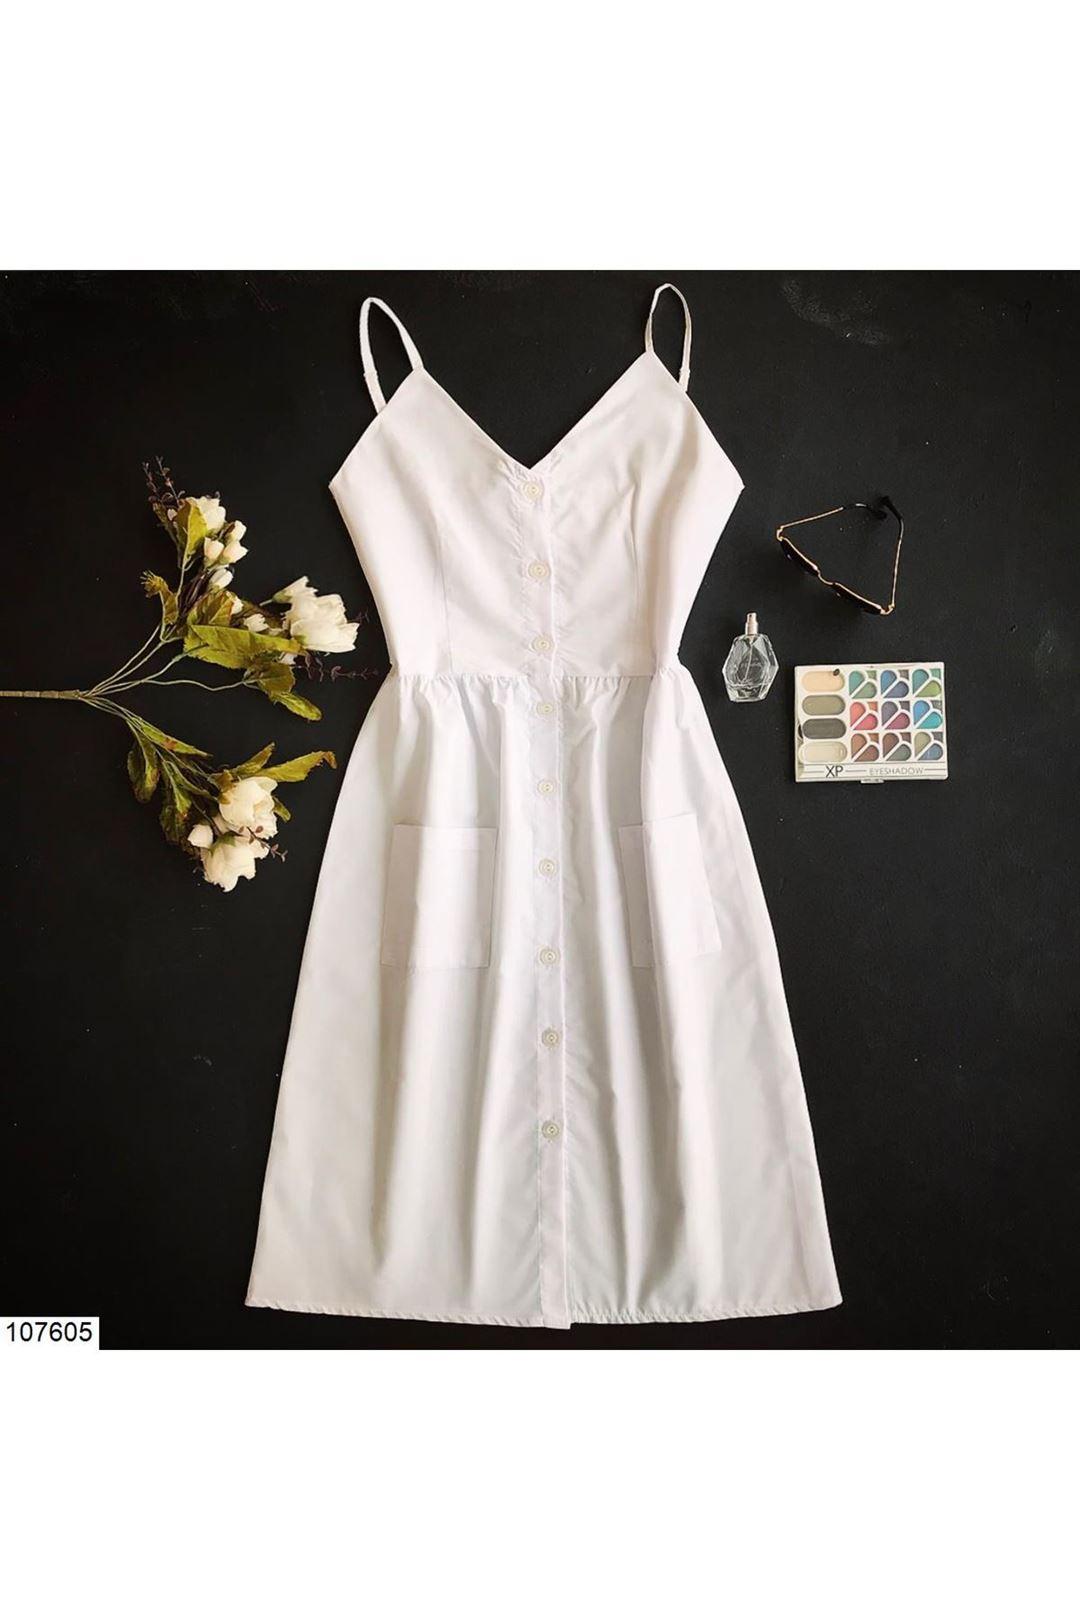 İp Askılı Beyaz Kadın Elbise 107605